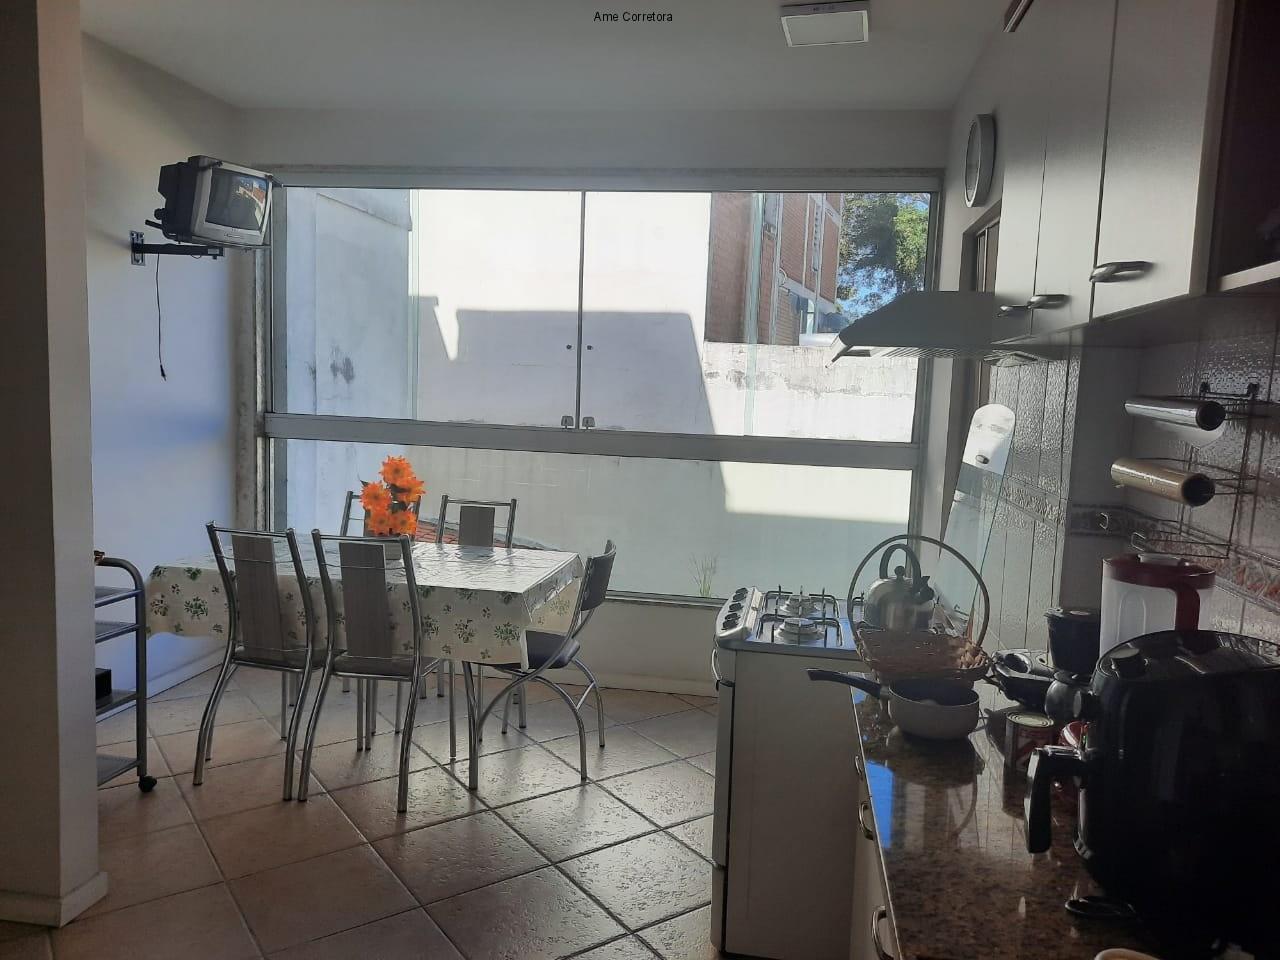 FOTO 17 - Apartamento 3 quartos à venda Rio de Janeiro,RJ - R$ 1.400.000 - AP00410 - 18